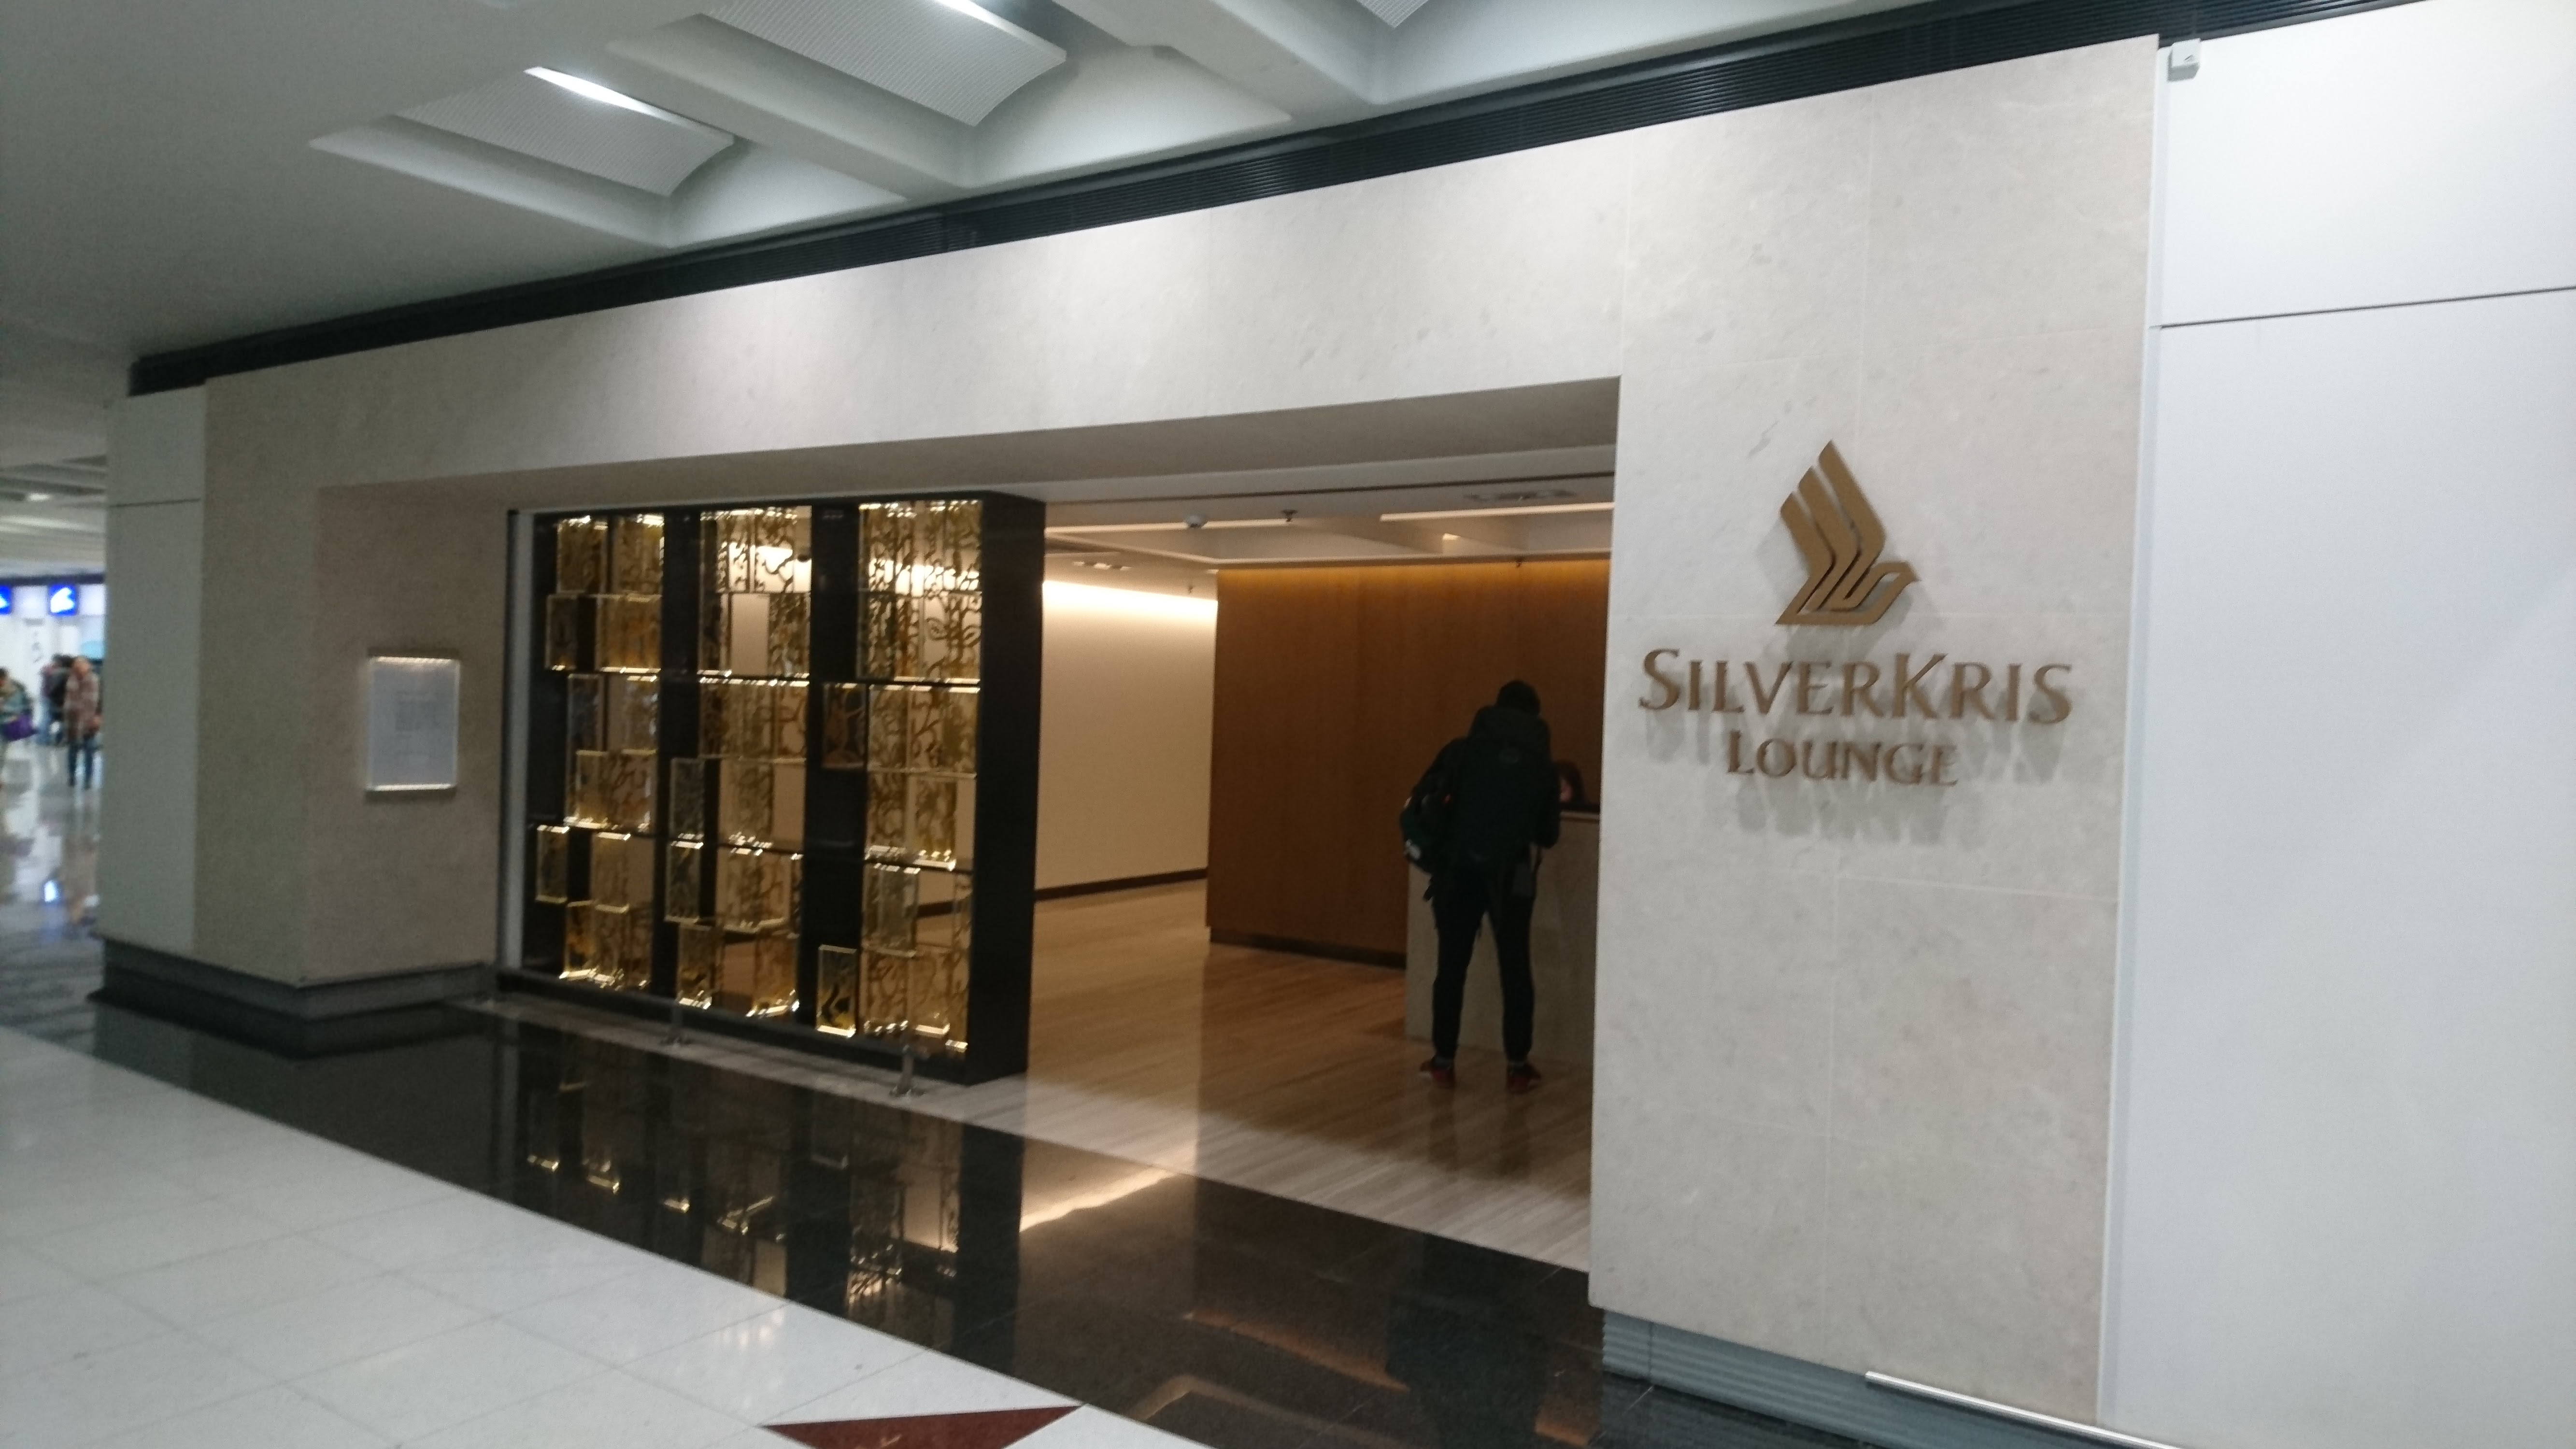 シンガポール航空ラウンジ「SILVERKRIS LOUNGE」